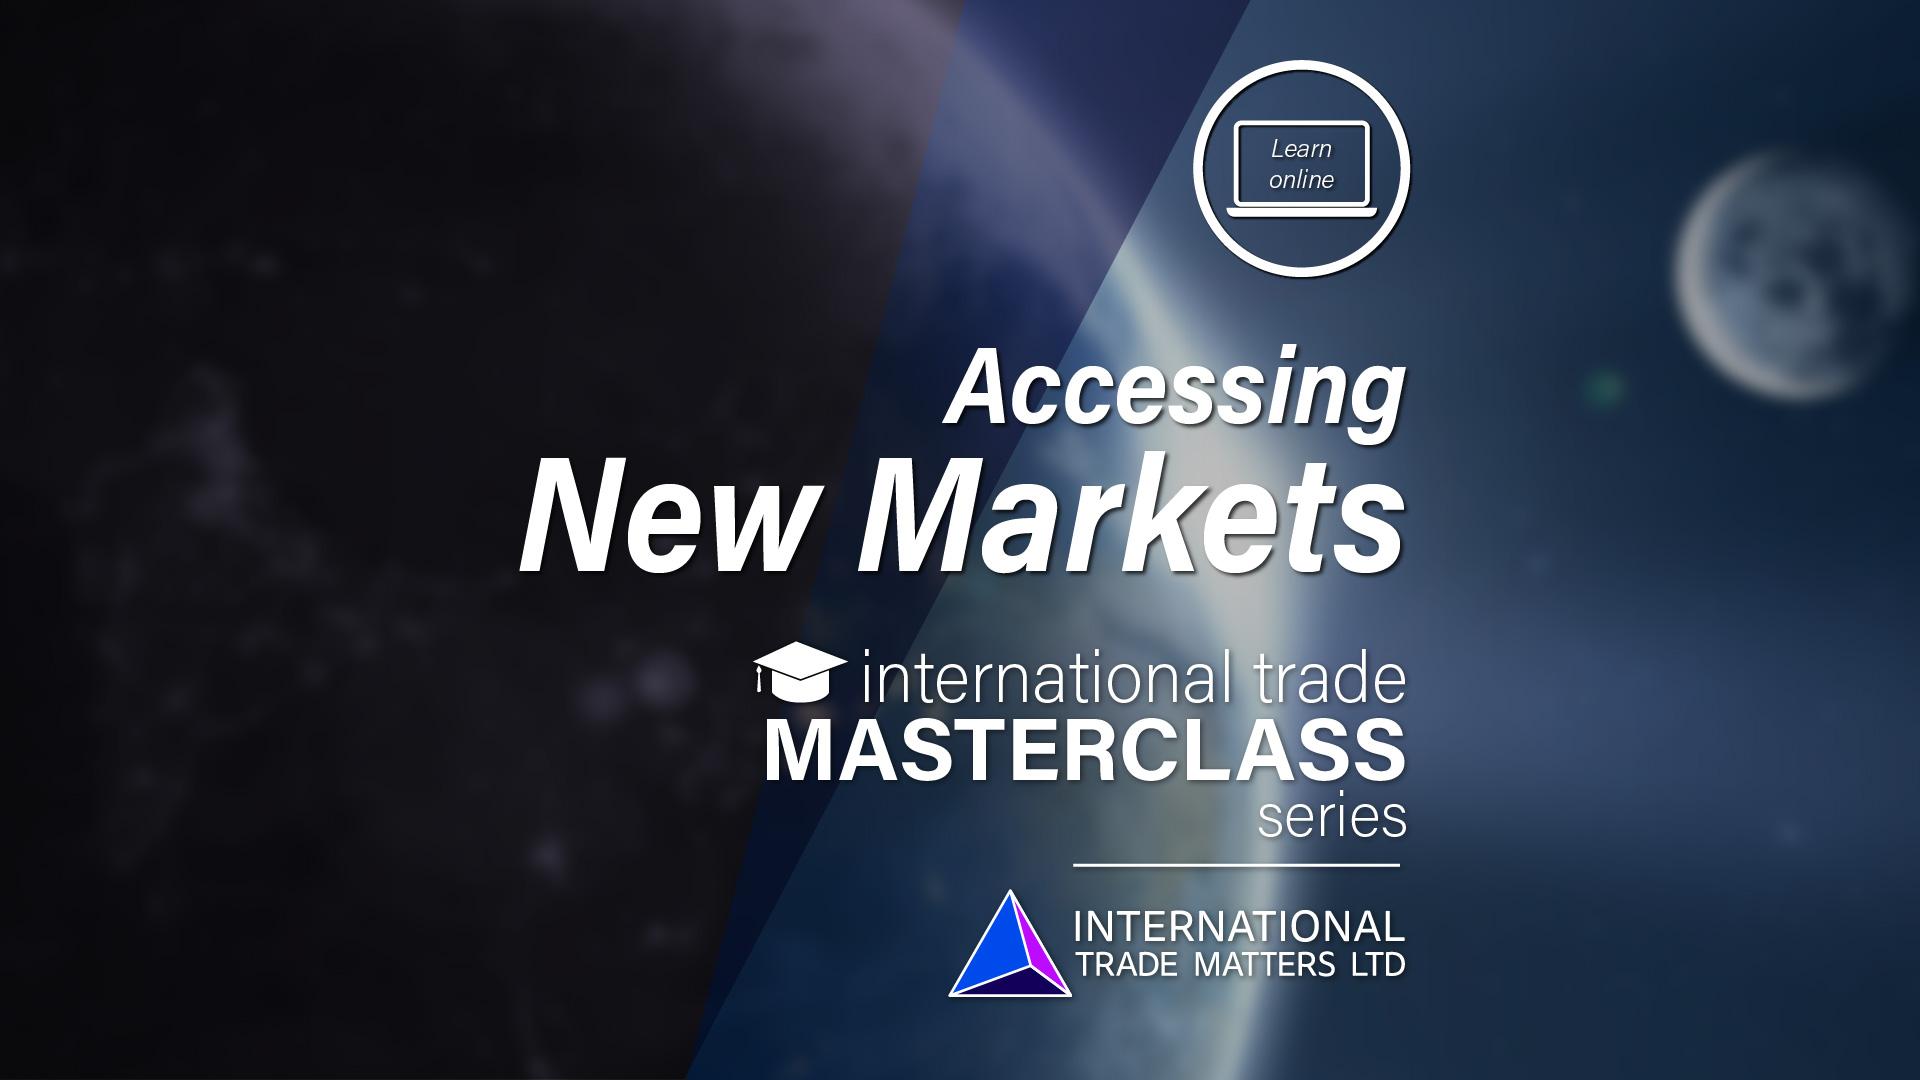 An International Trade Masterclass – Accessing New Markets